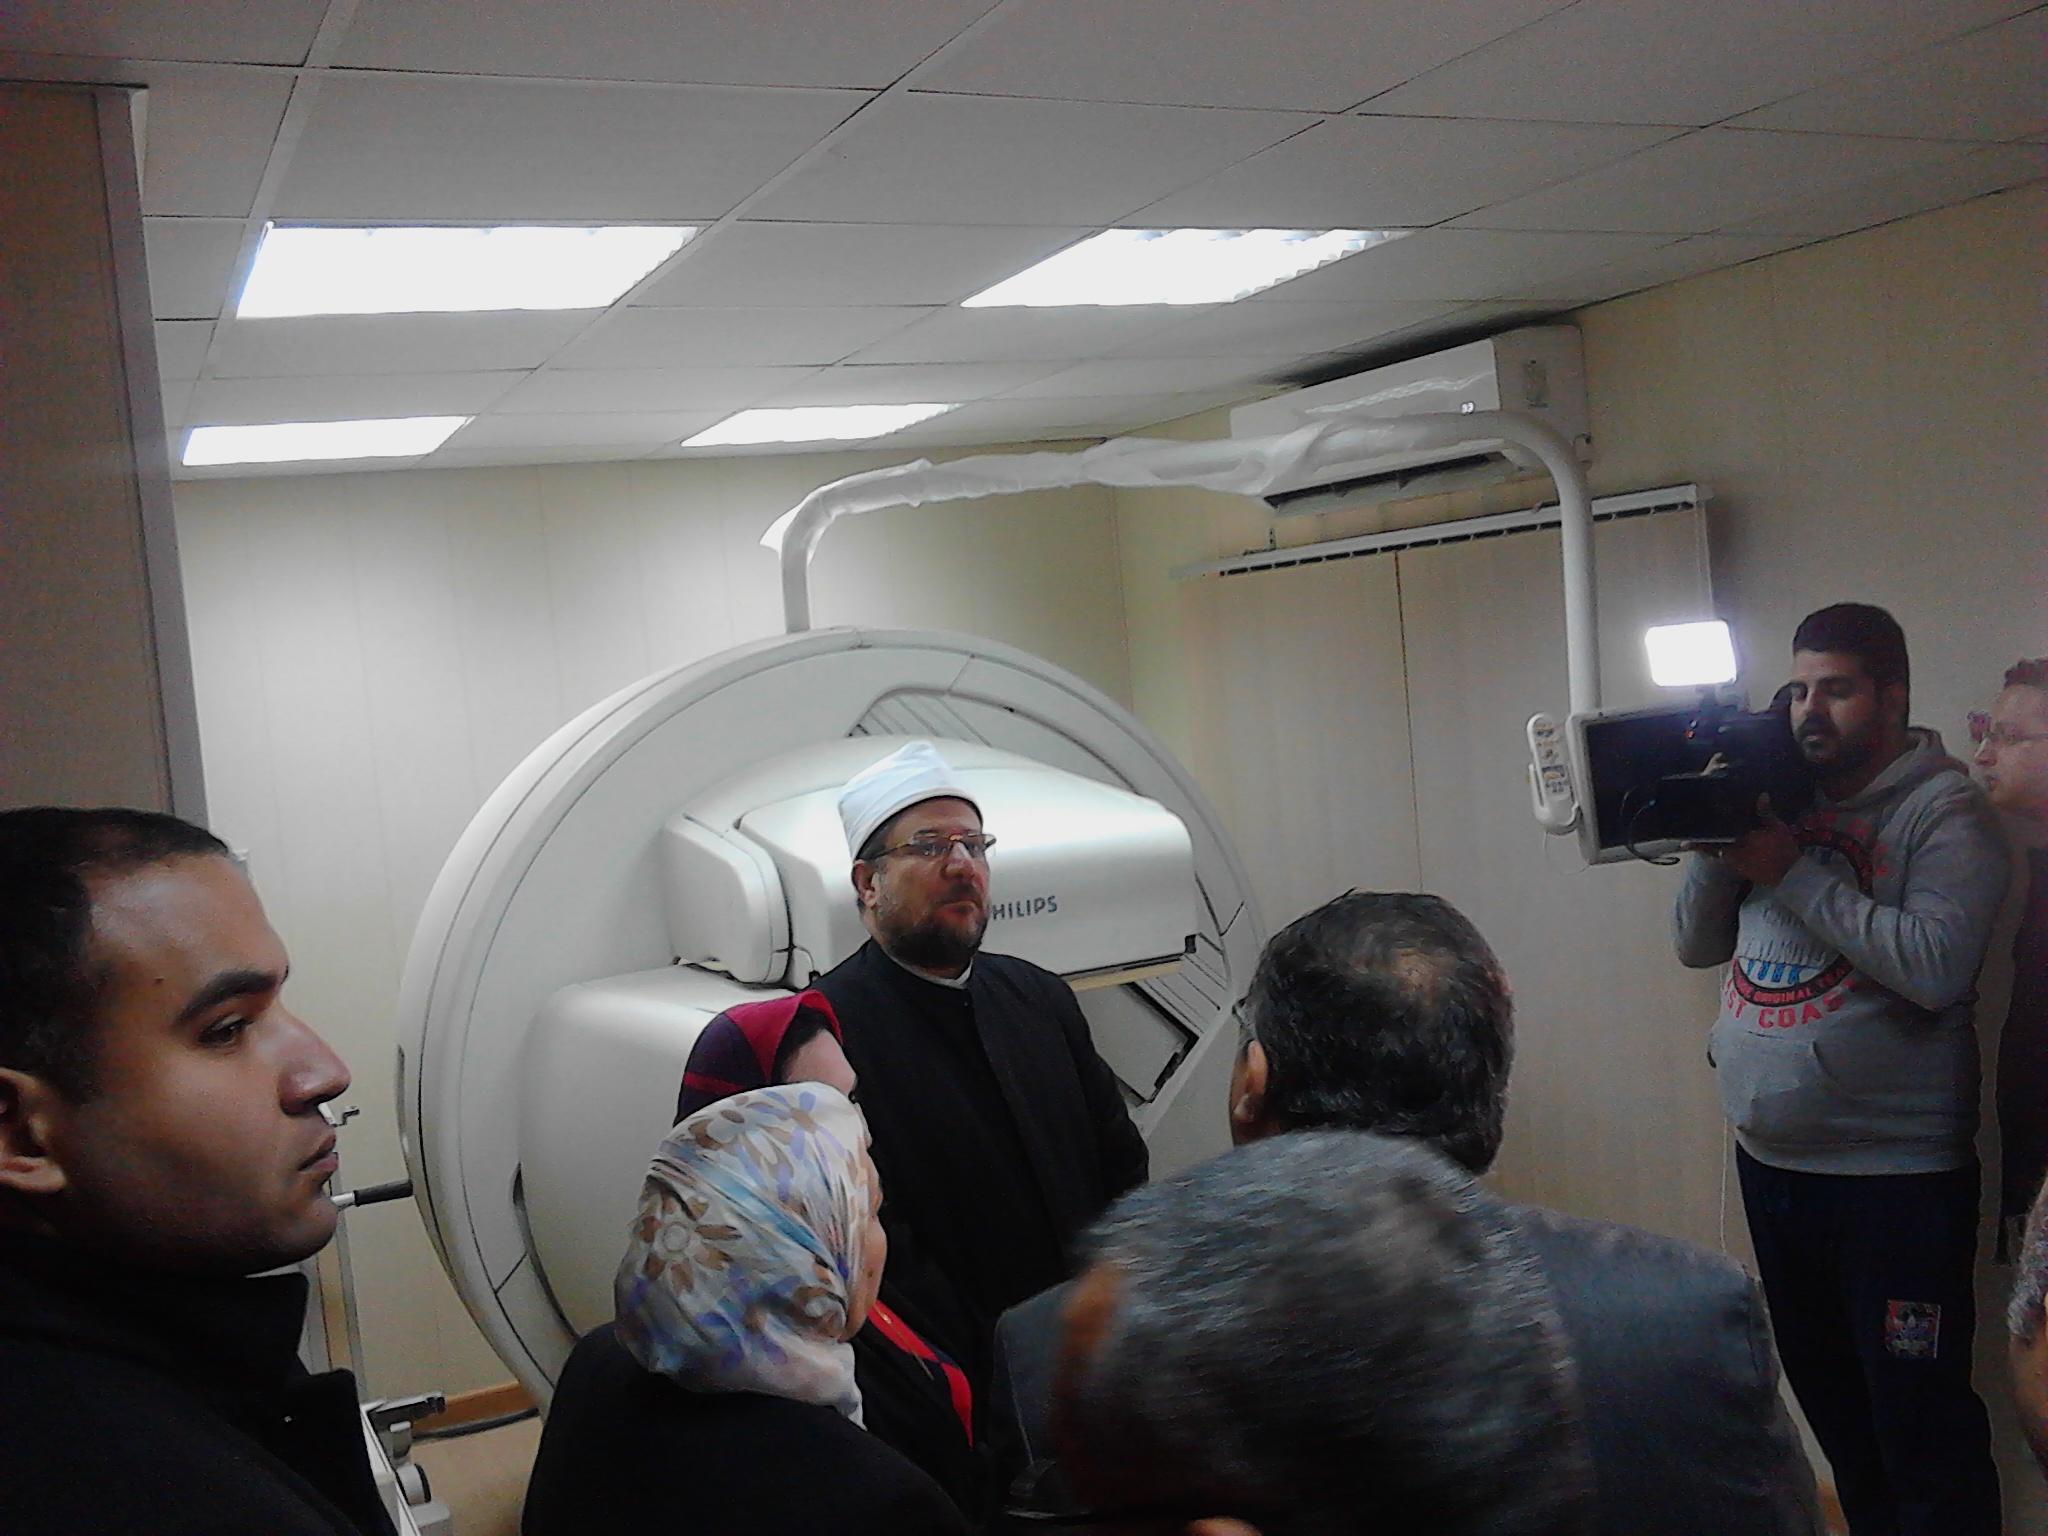 الدكتور محمد مختار جمعة وزير الاوقاف، وحدة الجاما كاميرا للمسح الذرى بمستشفى الدعاة (1)